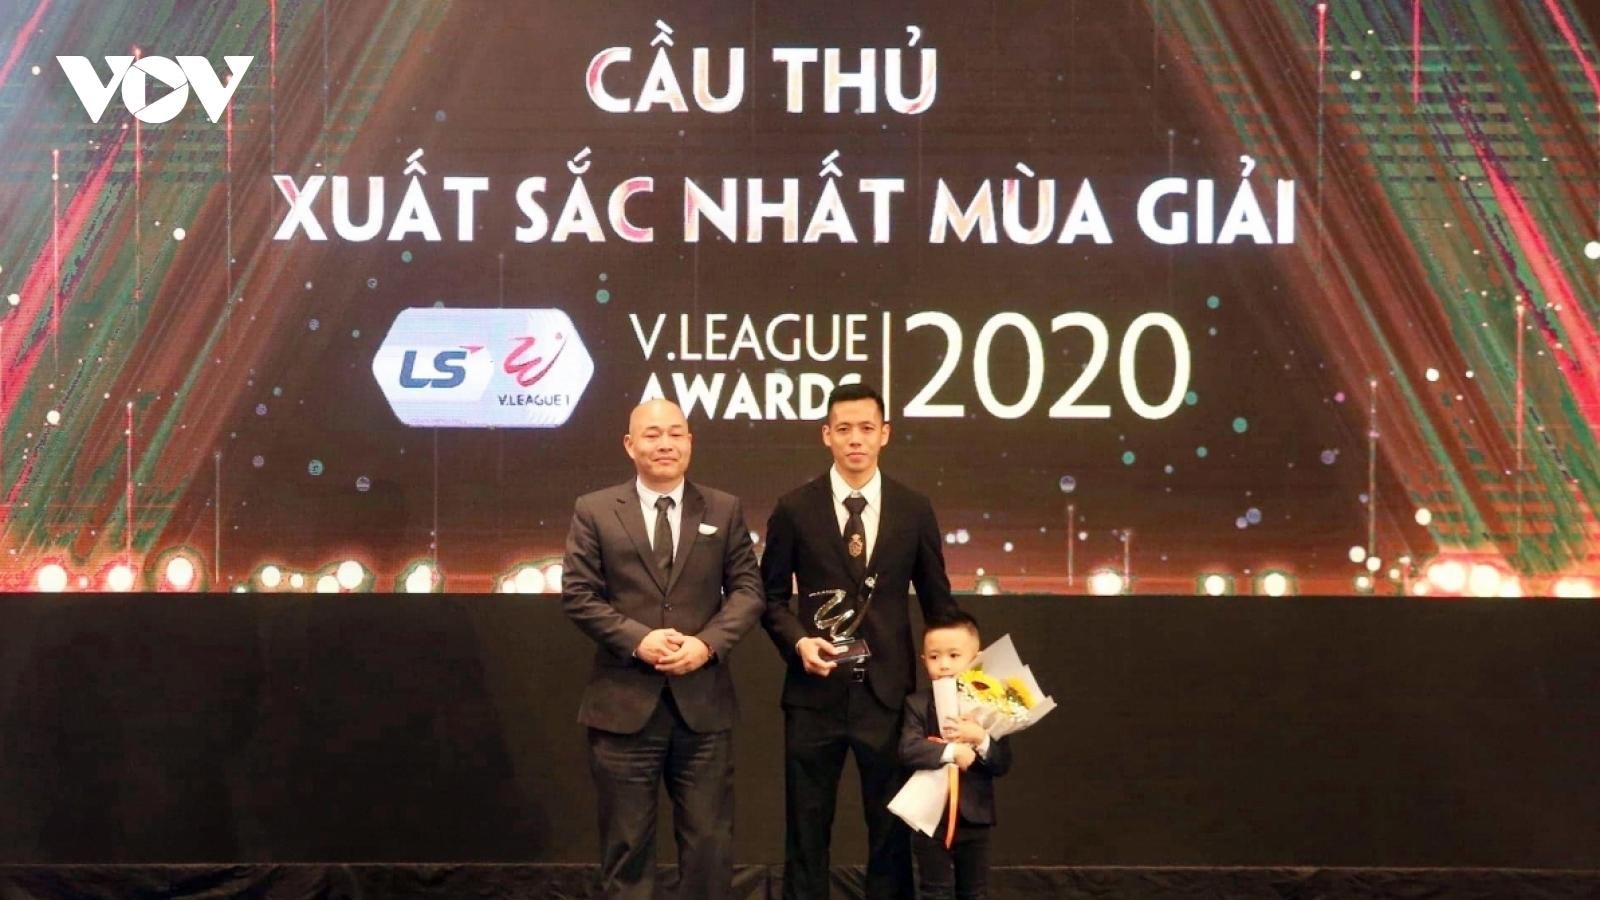 Lý do Văn Quyết đoạt giải Cầu thủ xuất sắc nhất V-League 2020